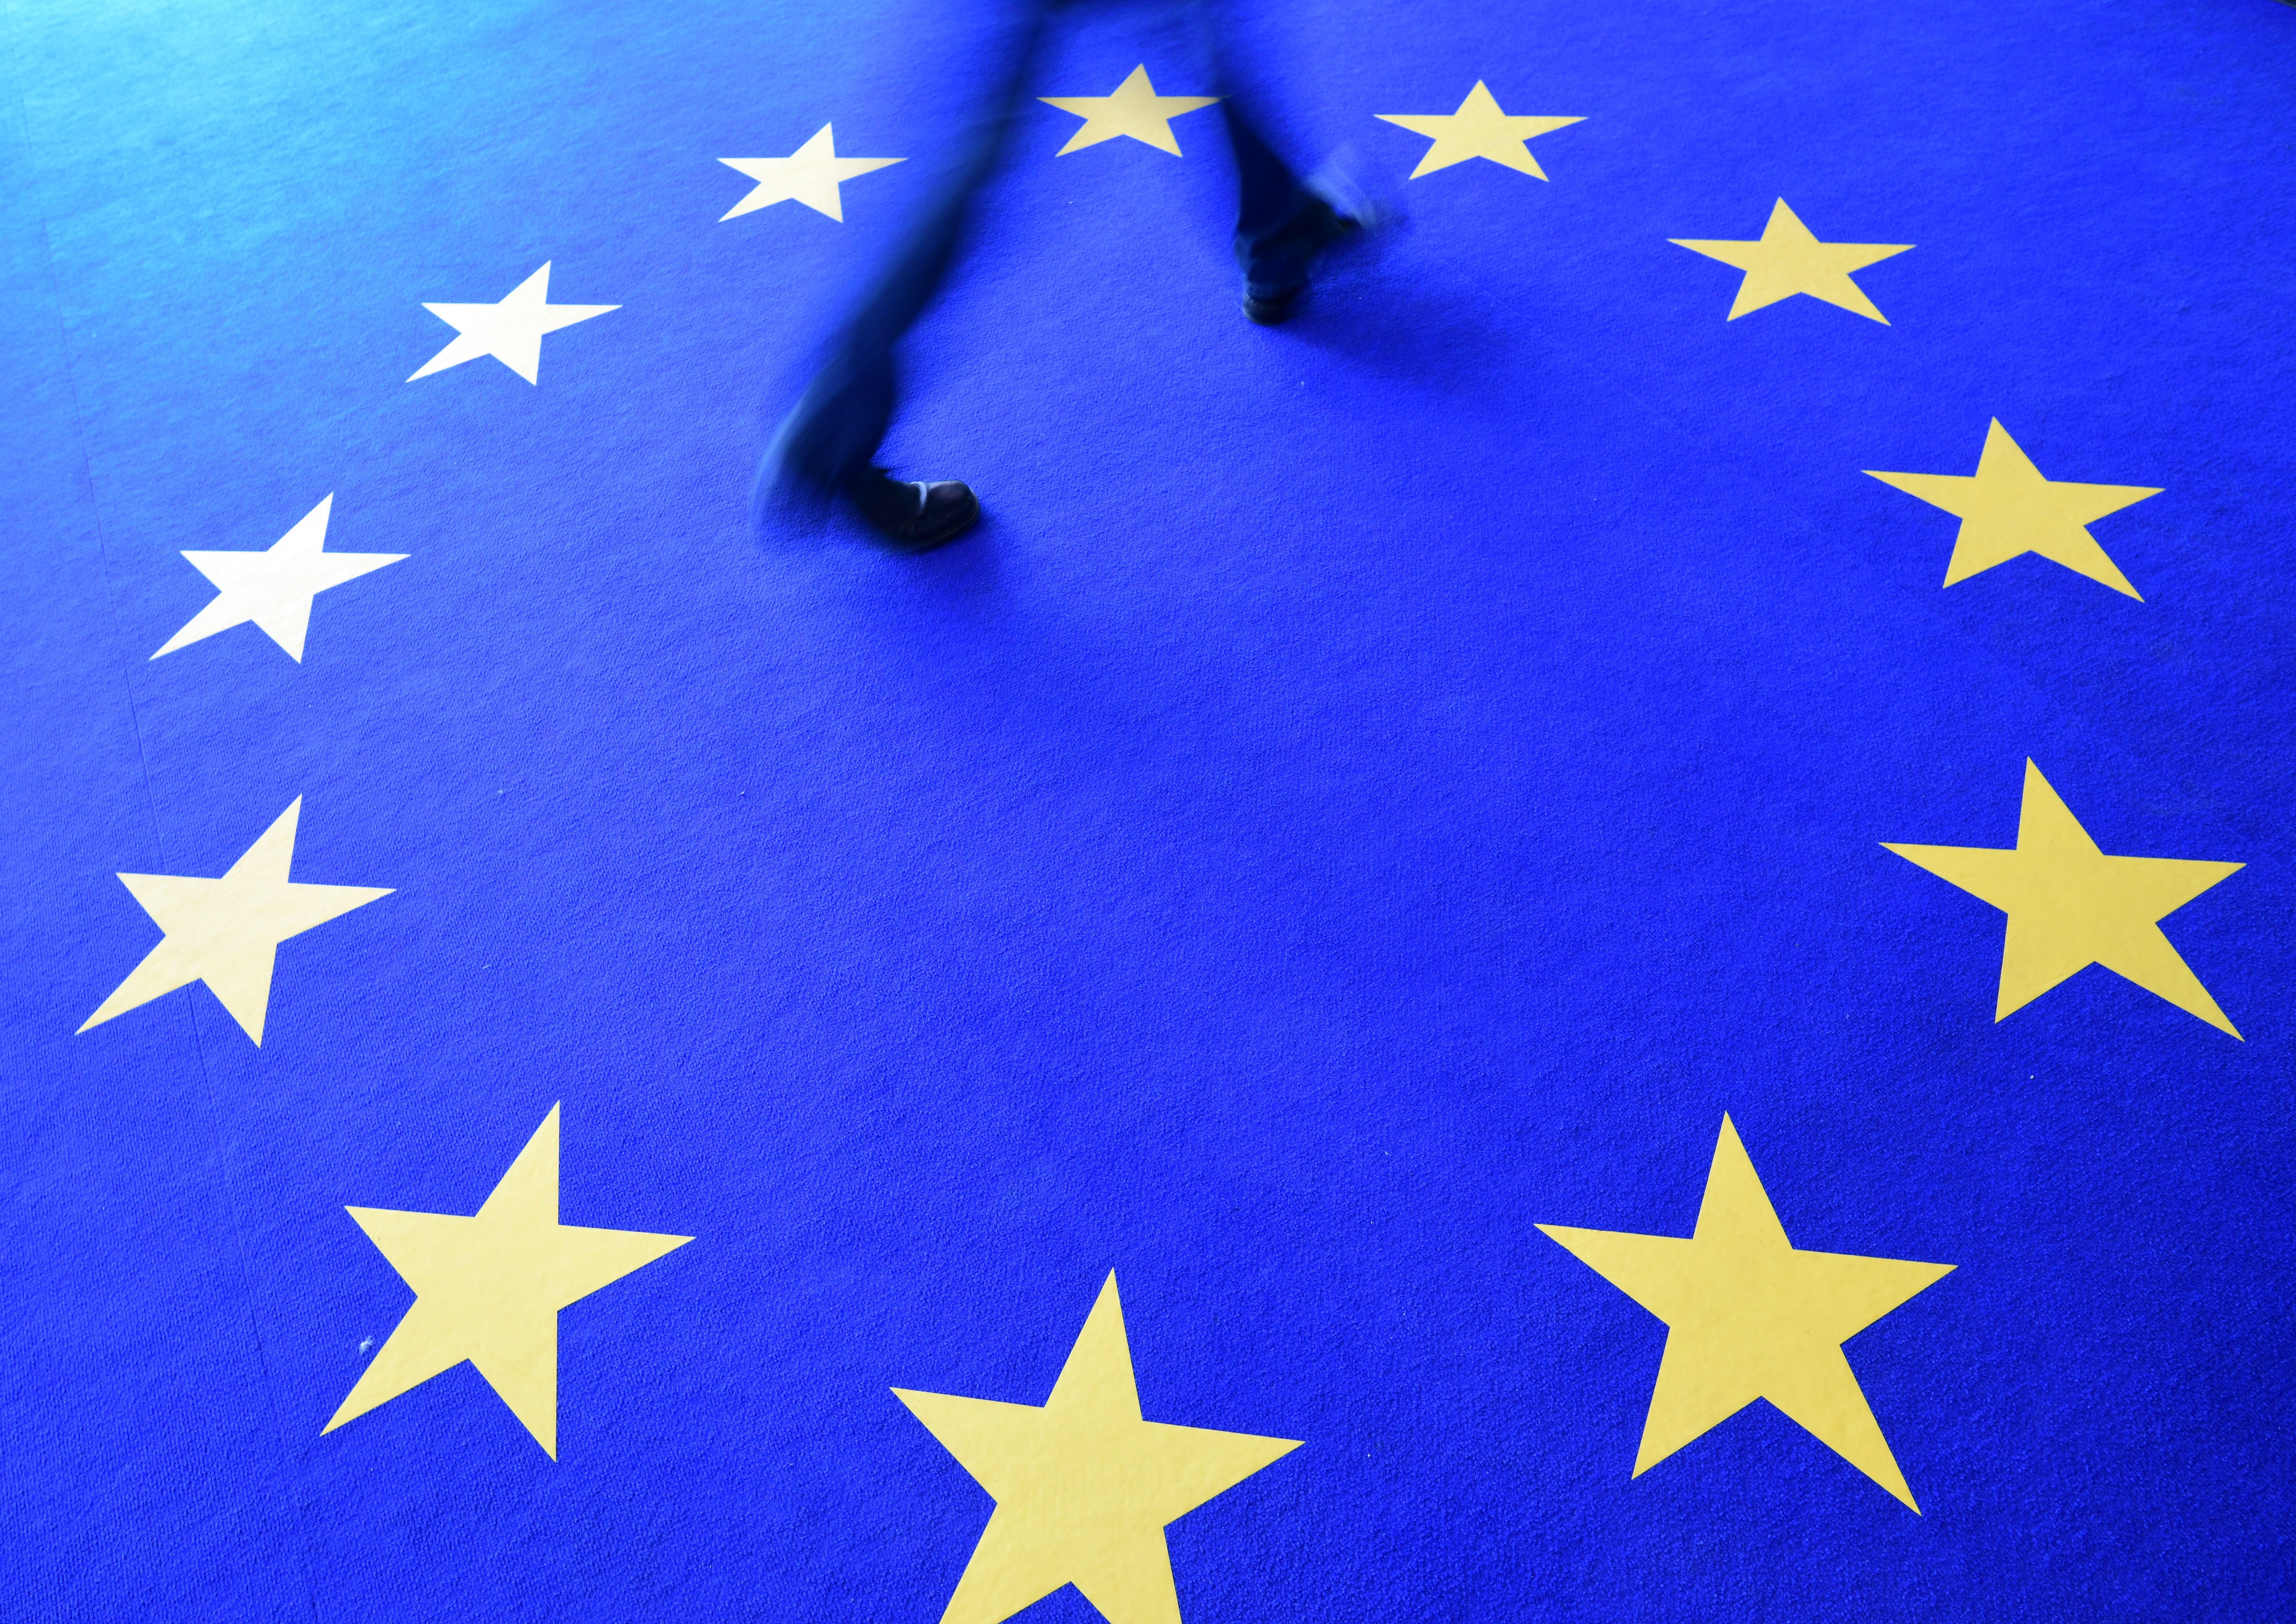 Las elecciones parlamentarias de Europa 2019: lo que se deduce a primera vista